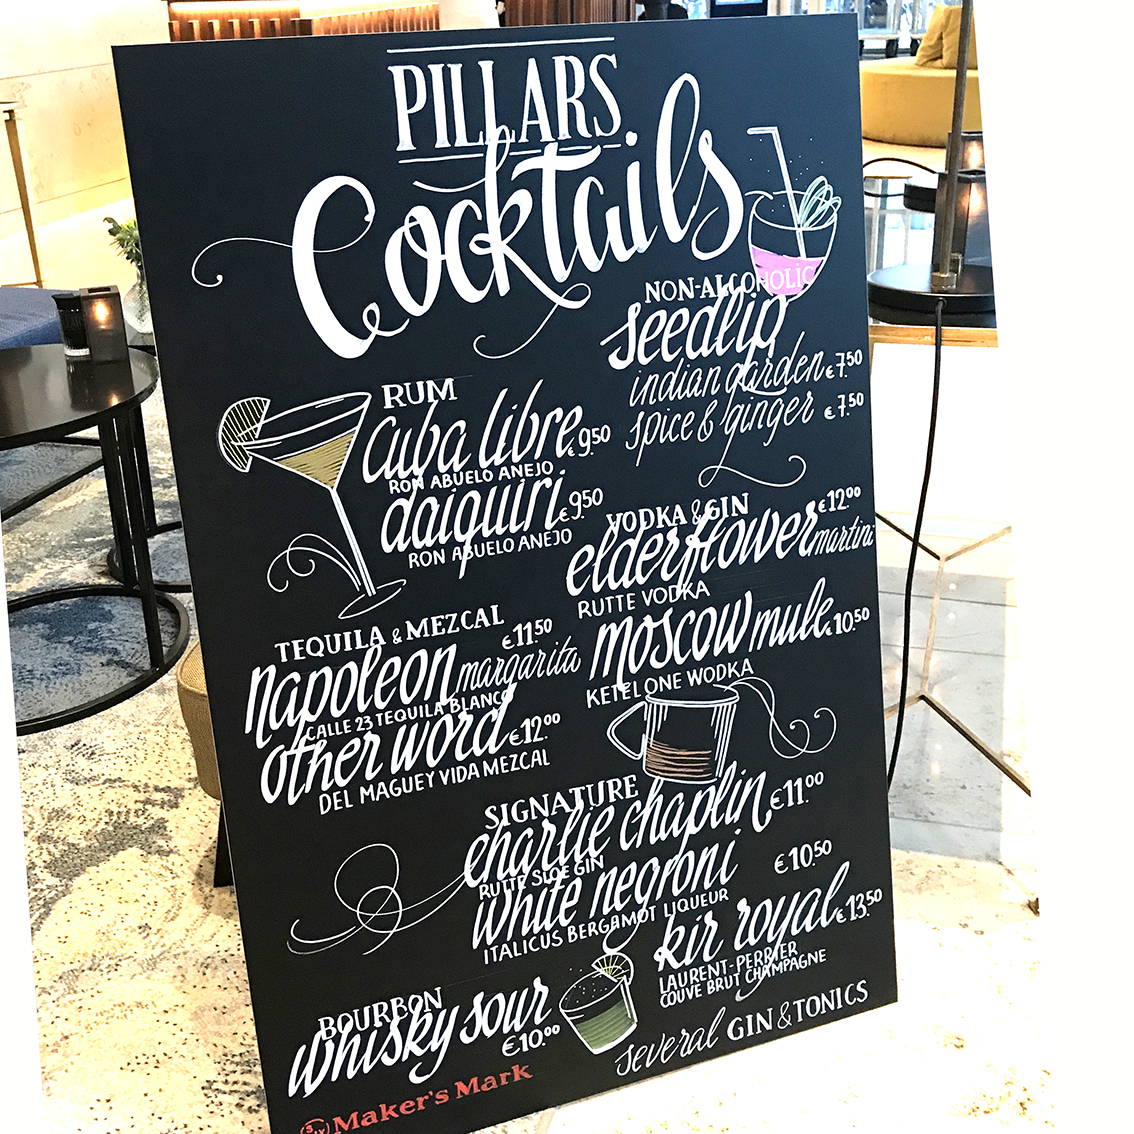 Marriot-Letterhand-Cocktails-kl